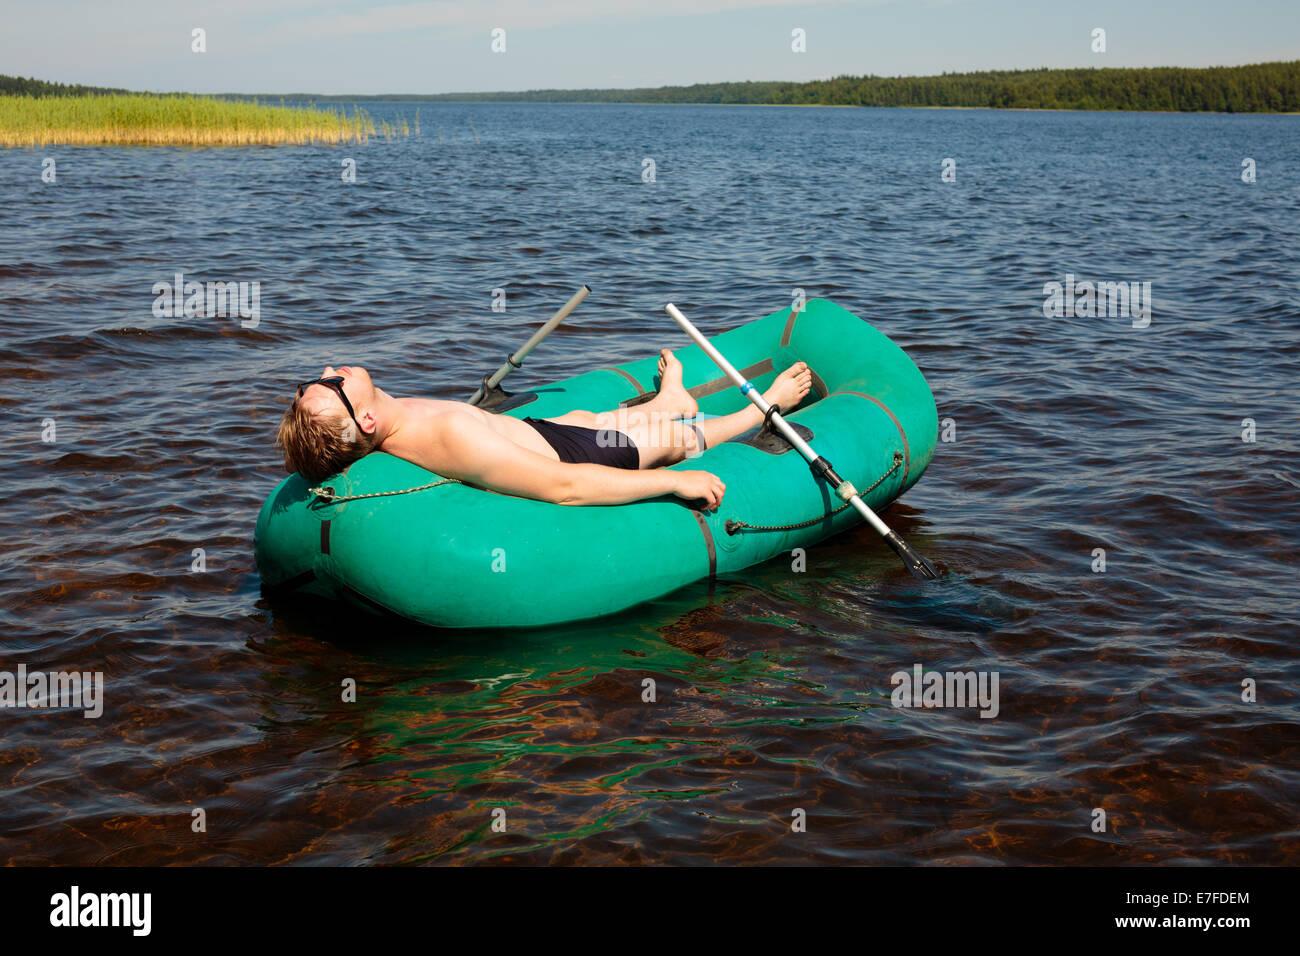 L'homme se reposant dans un bateau en caoutchouc Photo Stock